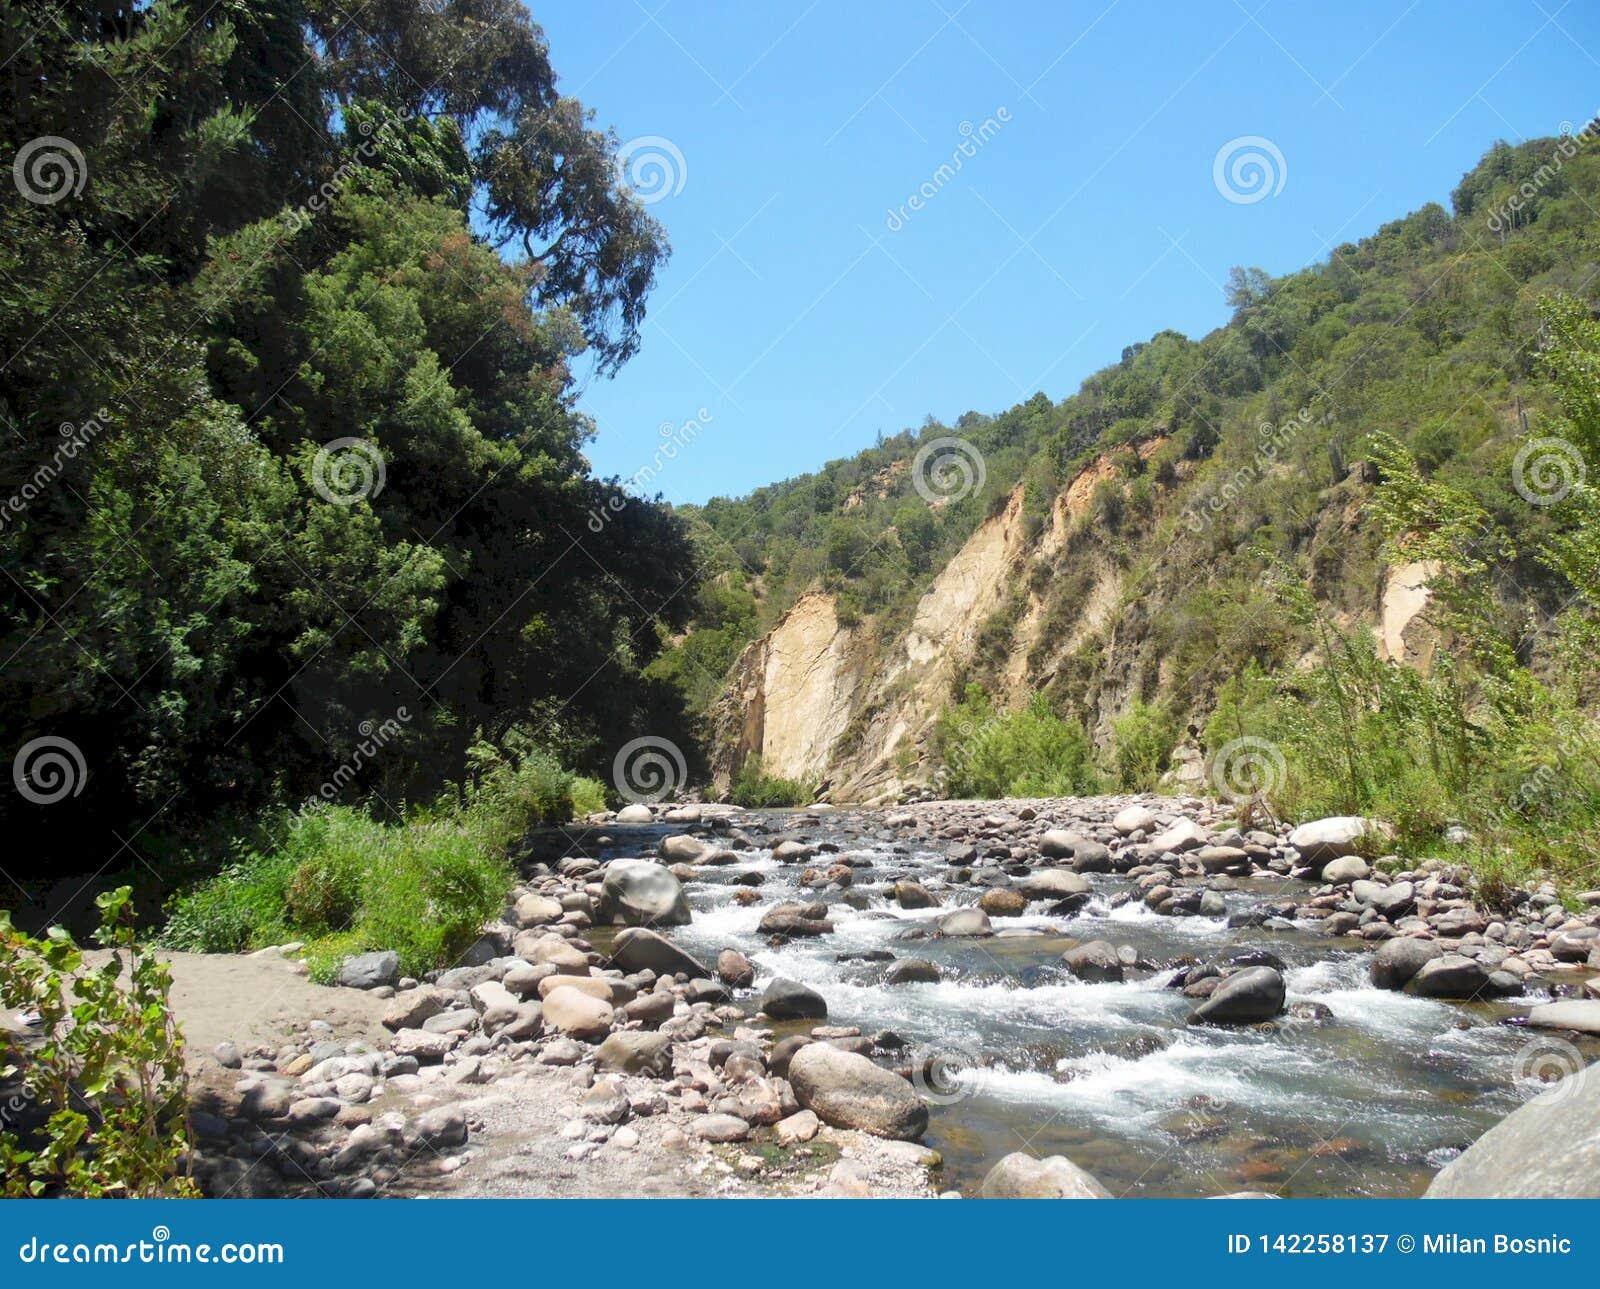 River Landscape Hills